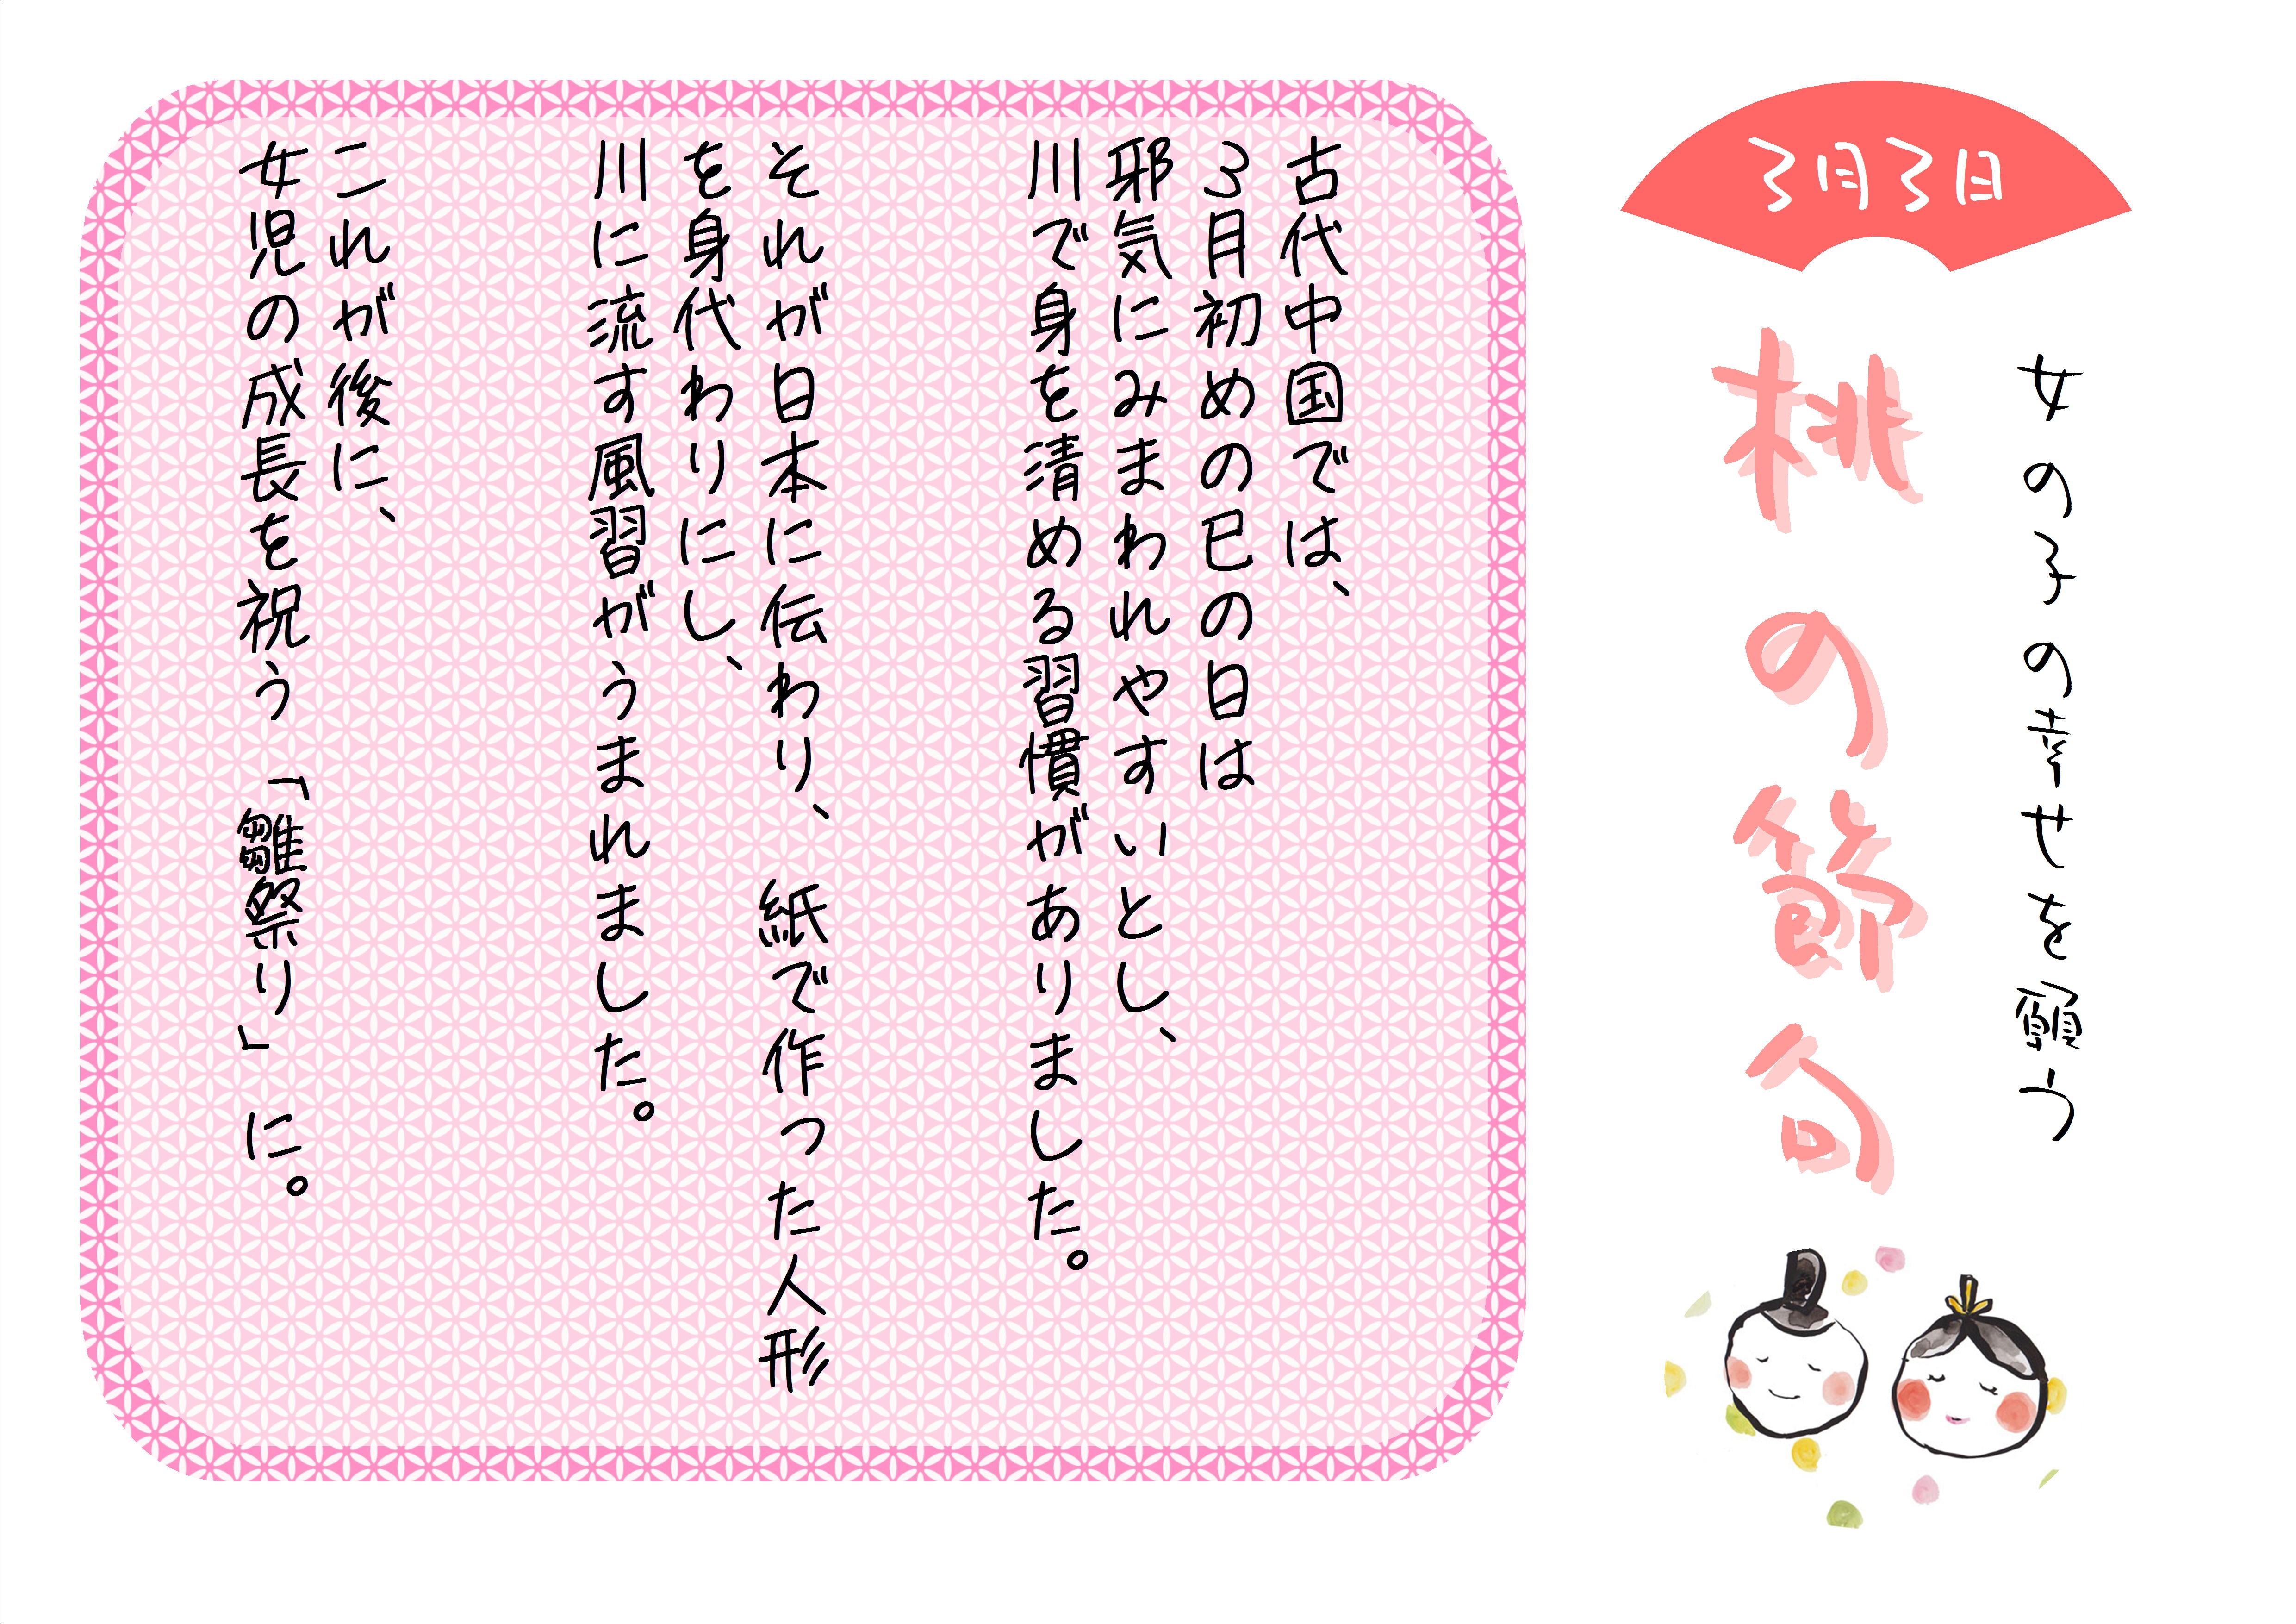 3月3日「桃の節句」